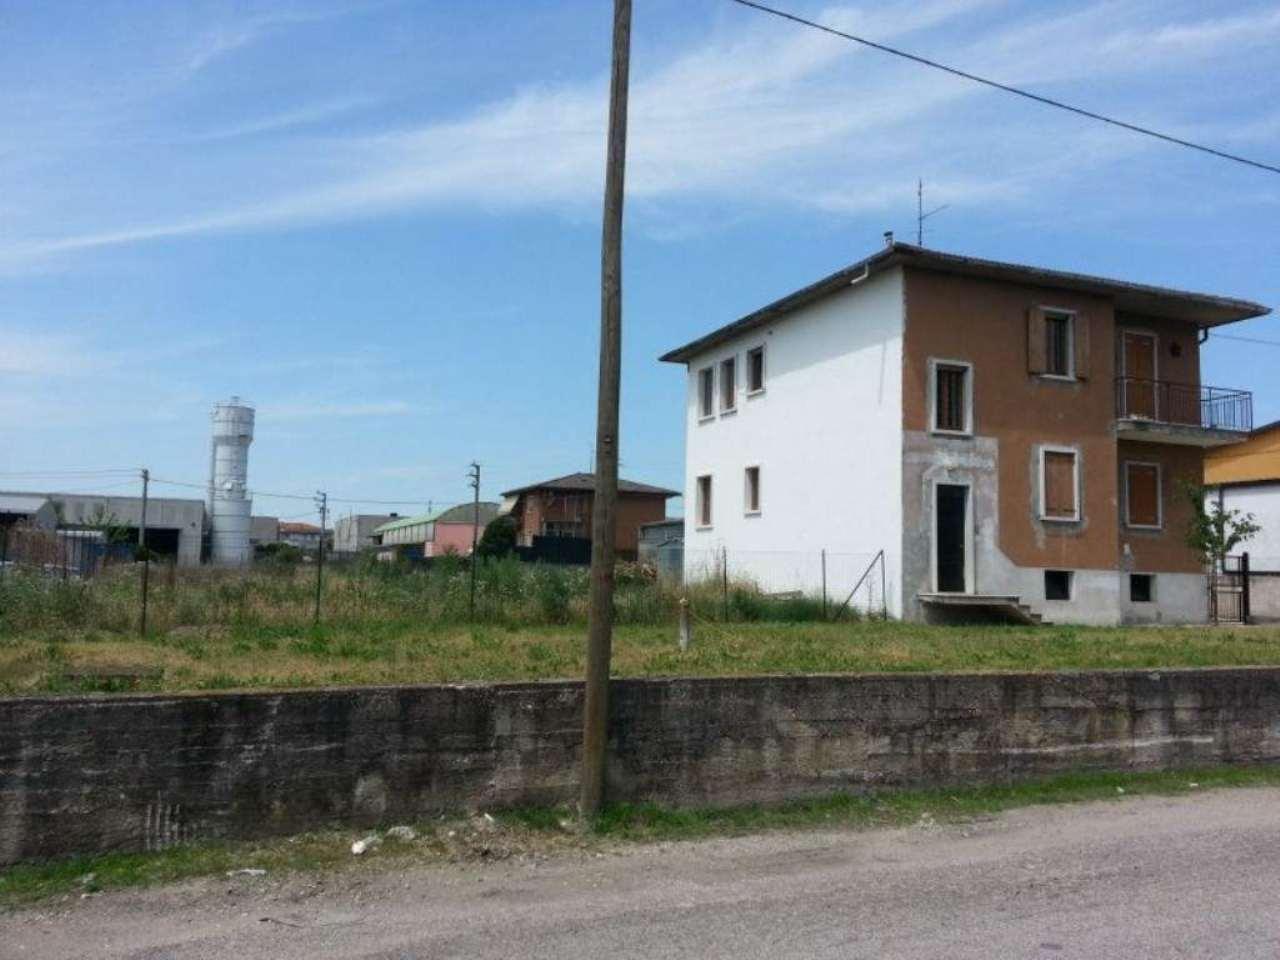 Terreno Edificabile Comm.le/Ind.le in vendita a Pescantina, 9999 locali, Trattative riservate | Cambio Casa.it